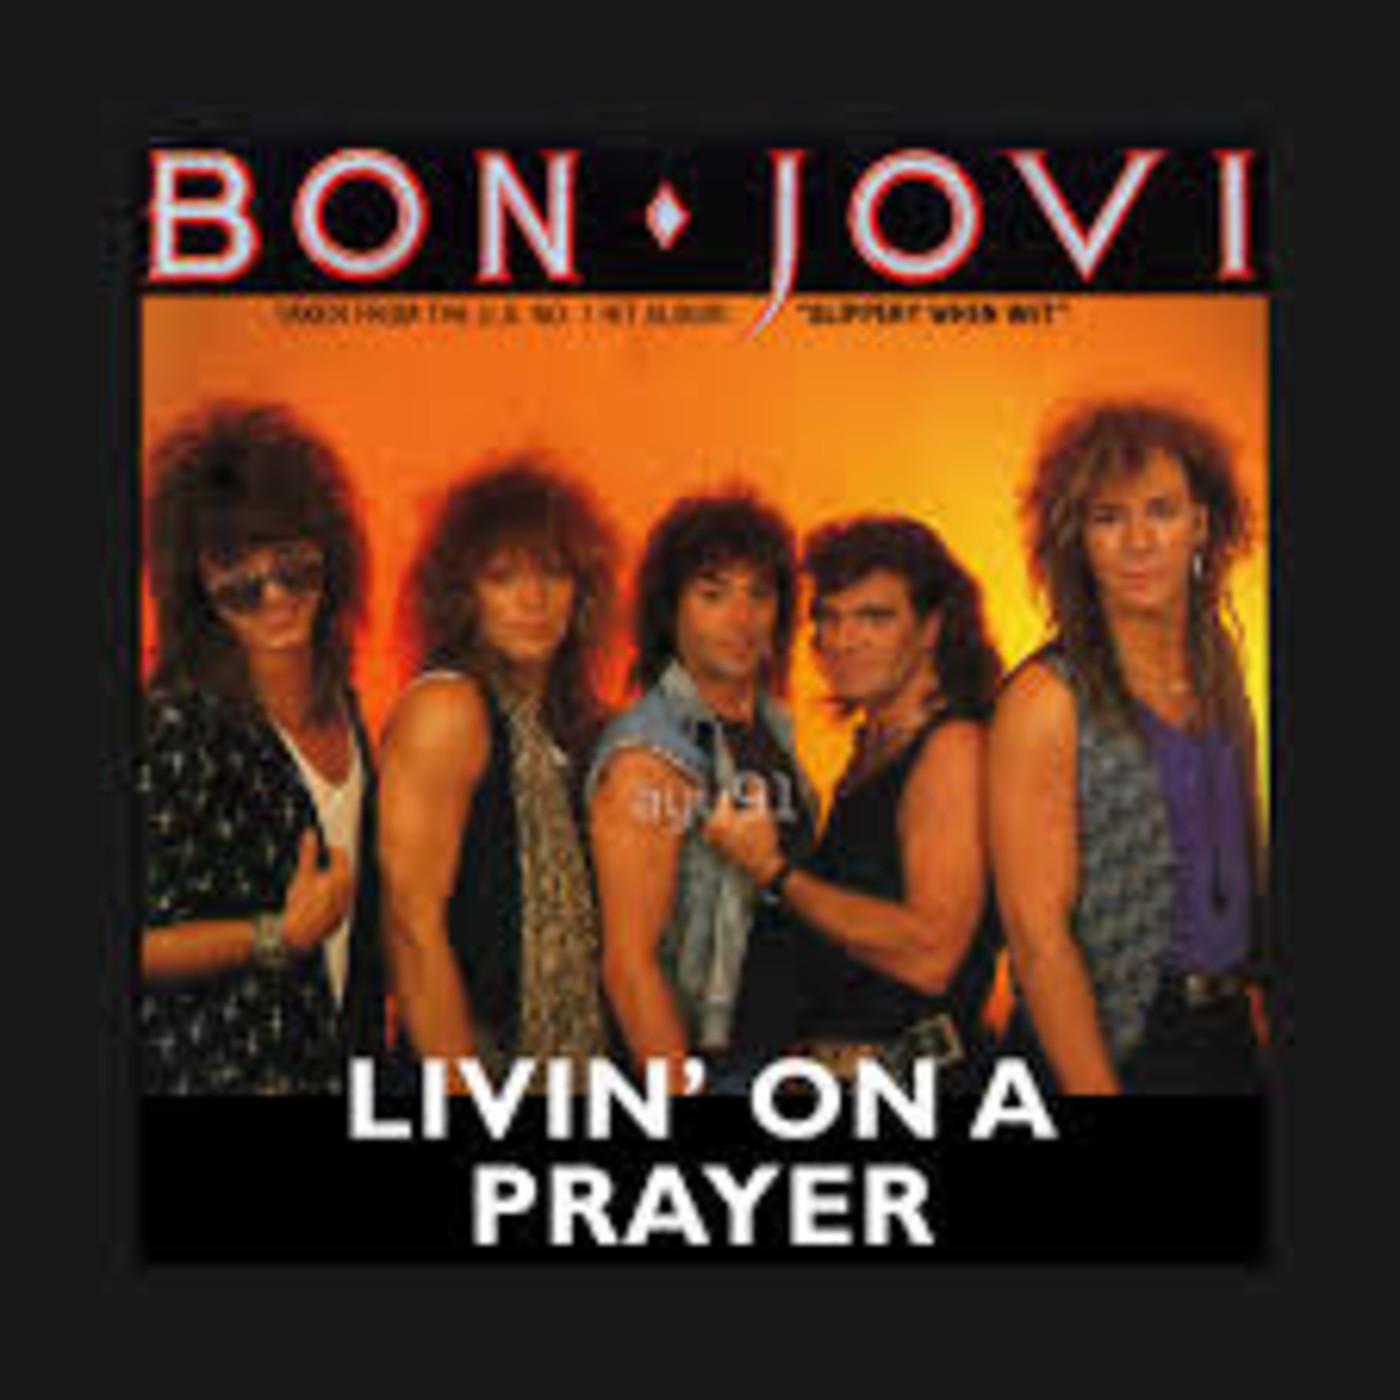 Bon Jovi - Living On A Prayer скачать mp3 бесплатно и